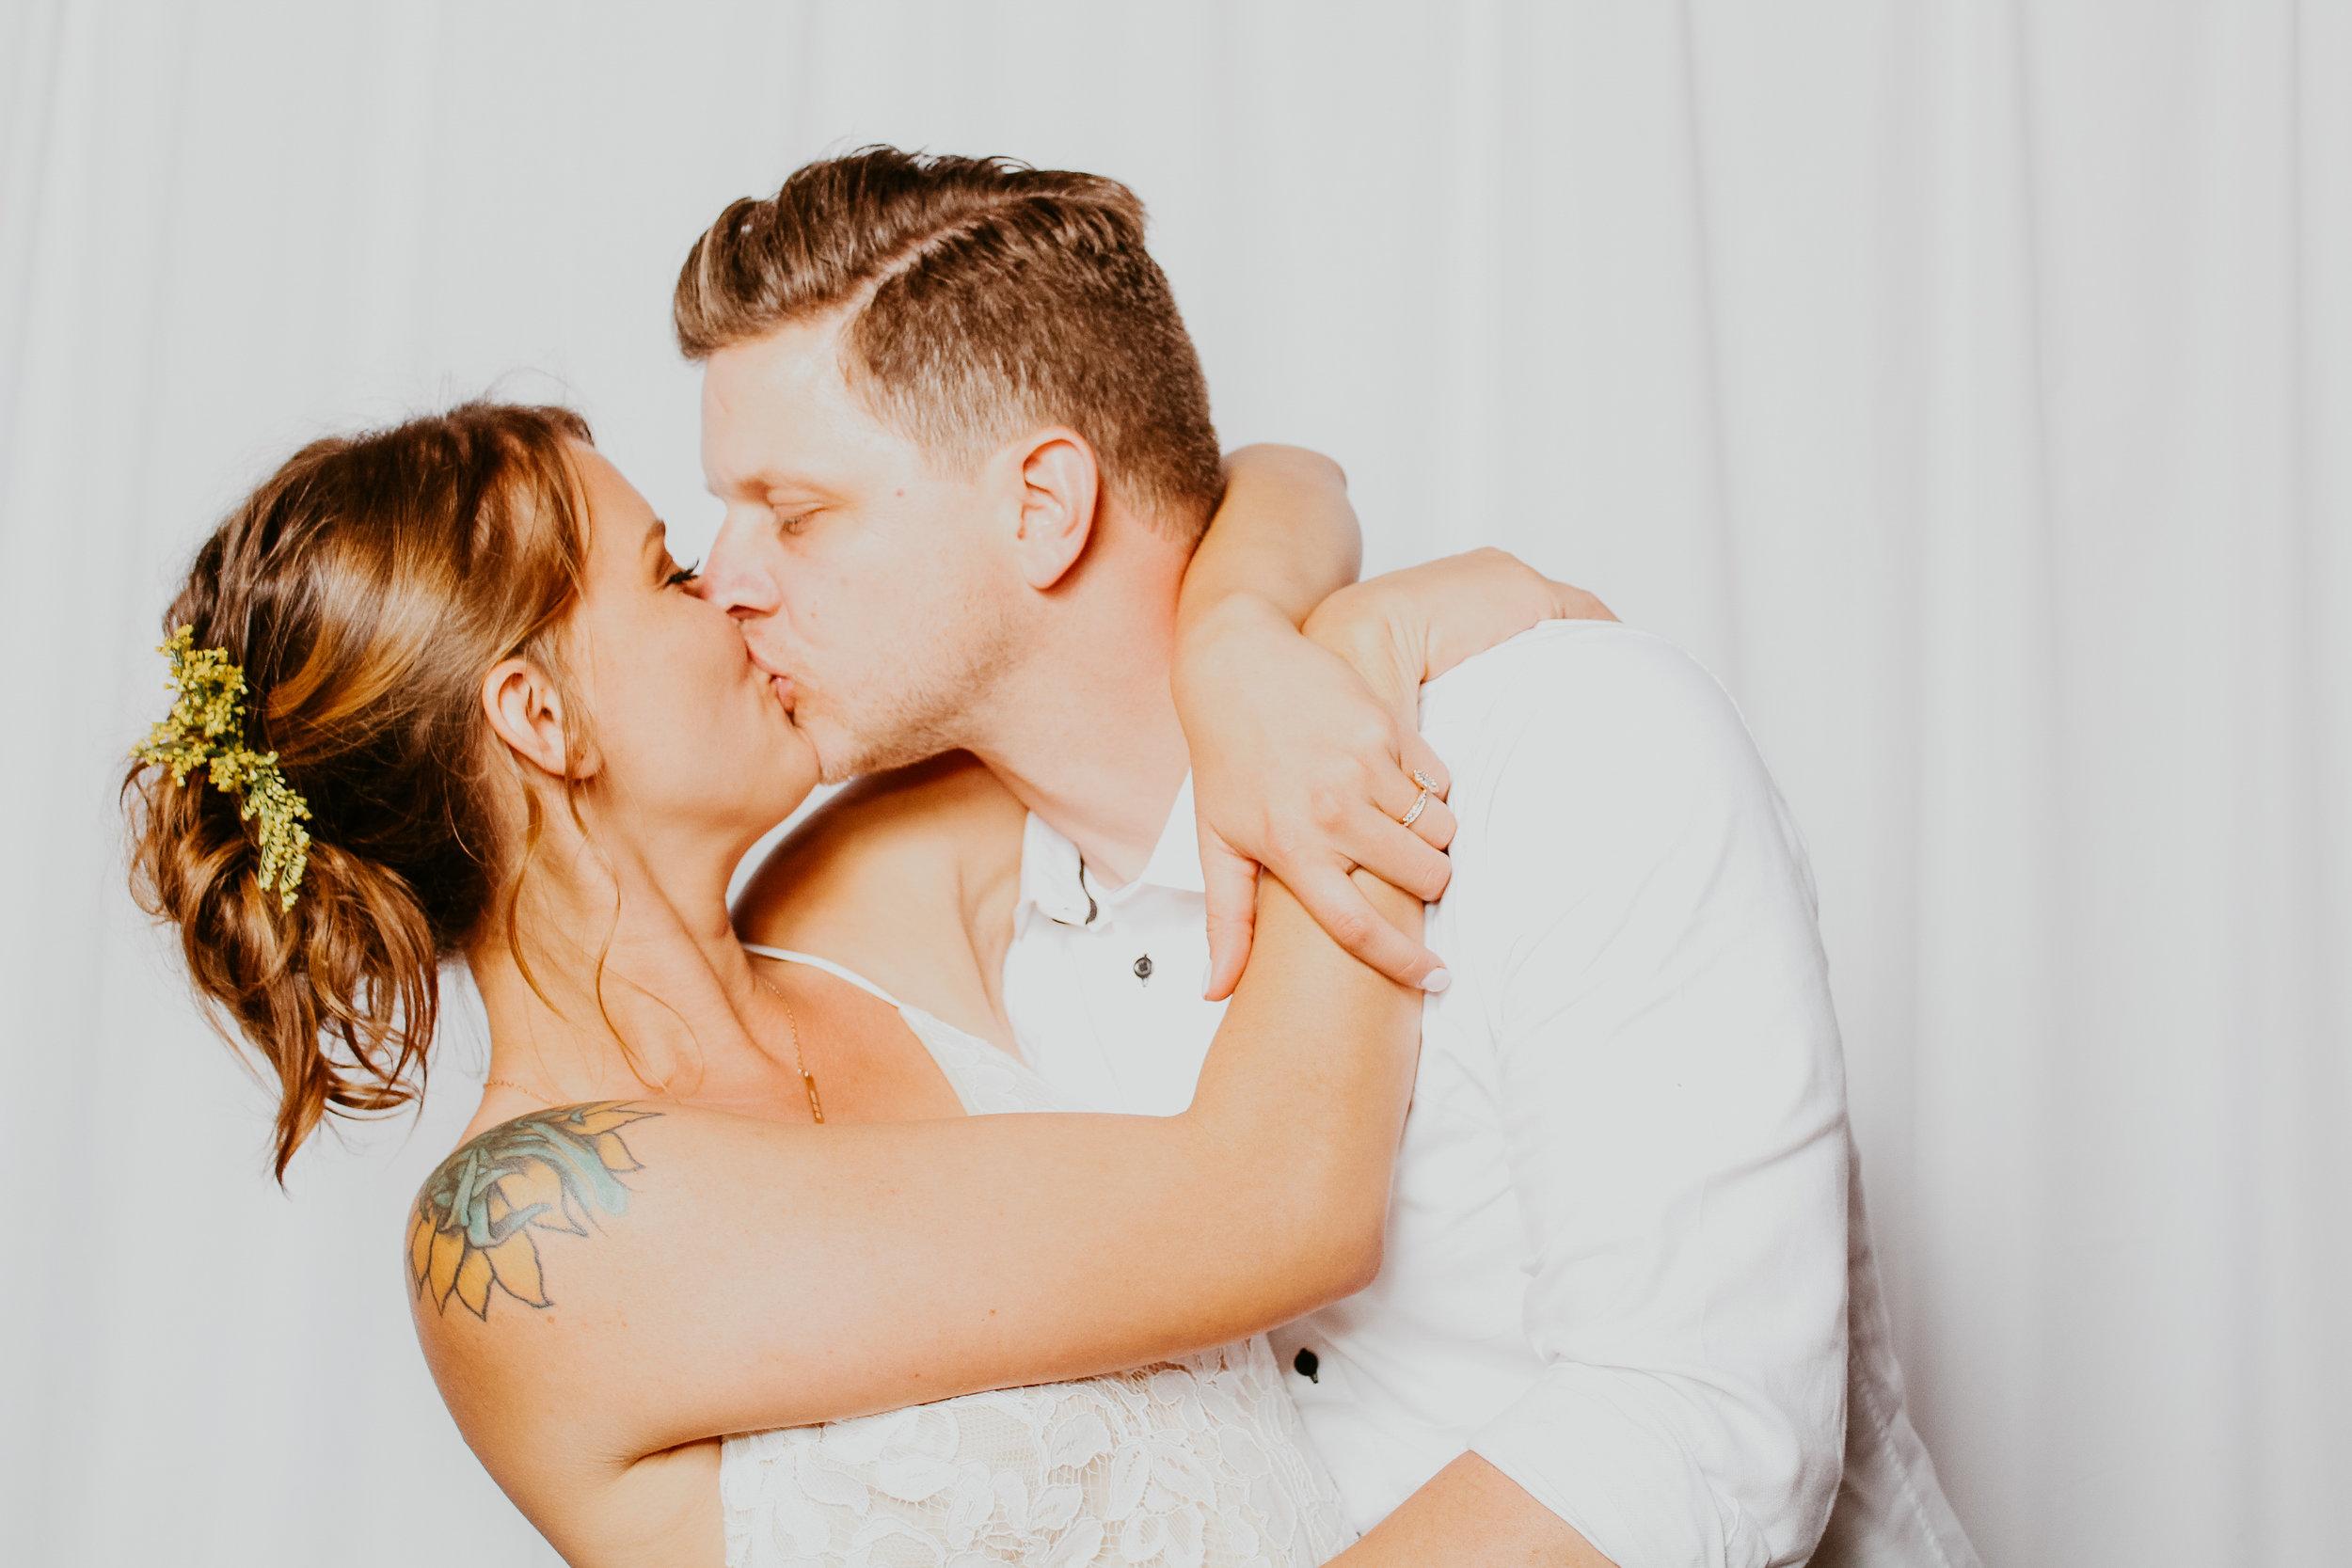 Corona Wedding Photobooth Rental